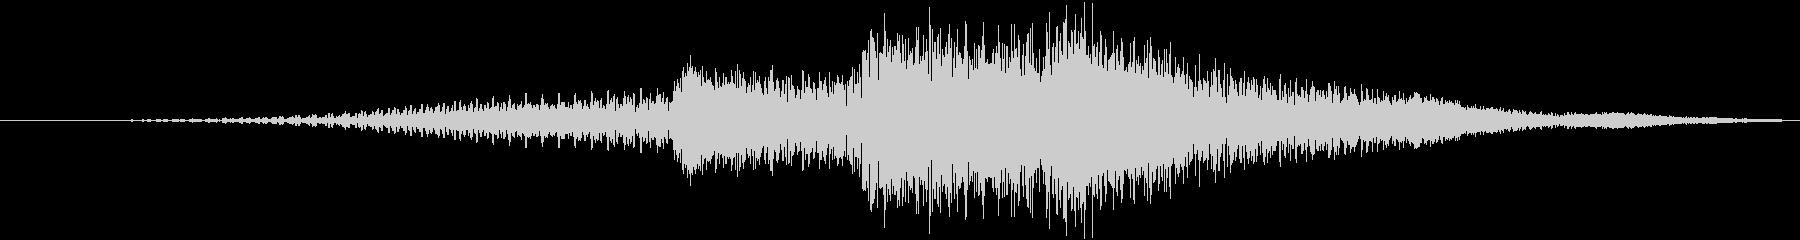 サウンドロゴ 2秒 エレクトロ ピアノの未再生の波形